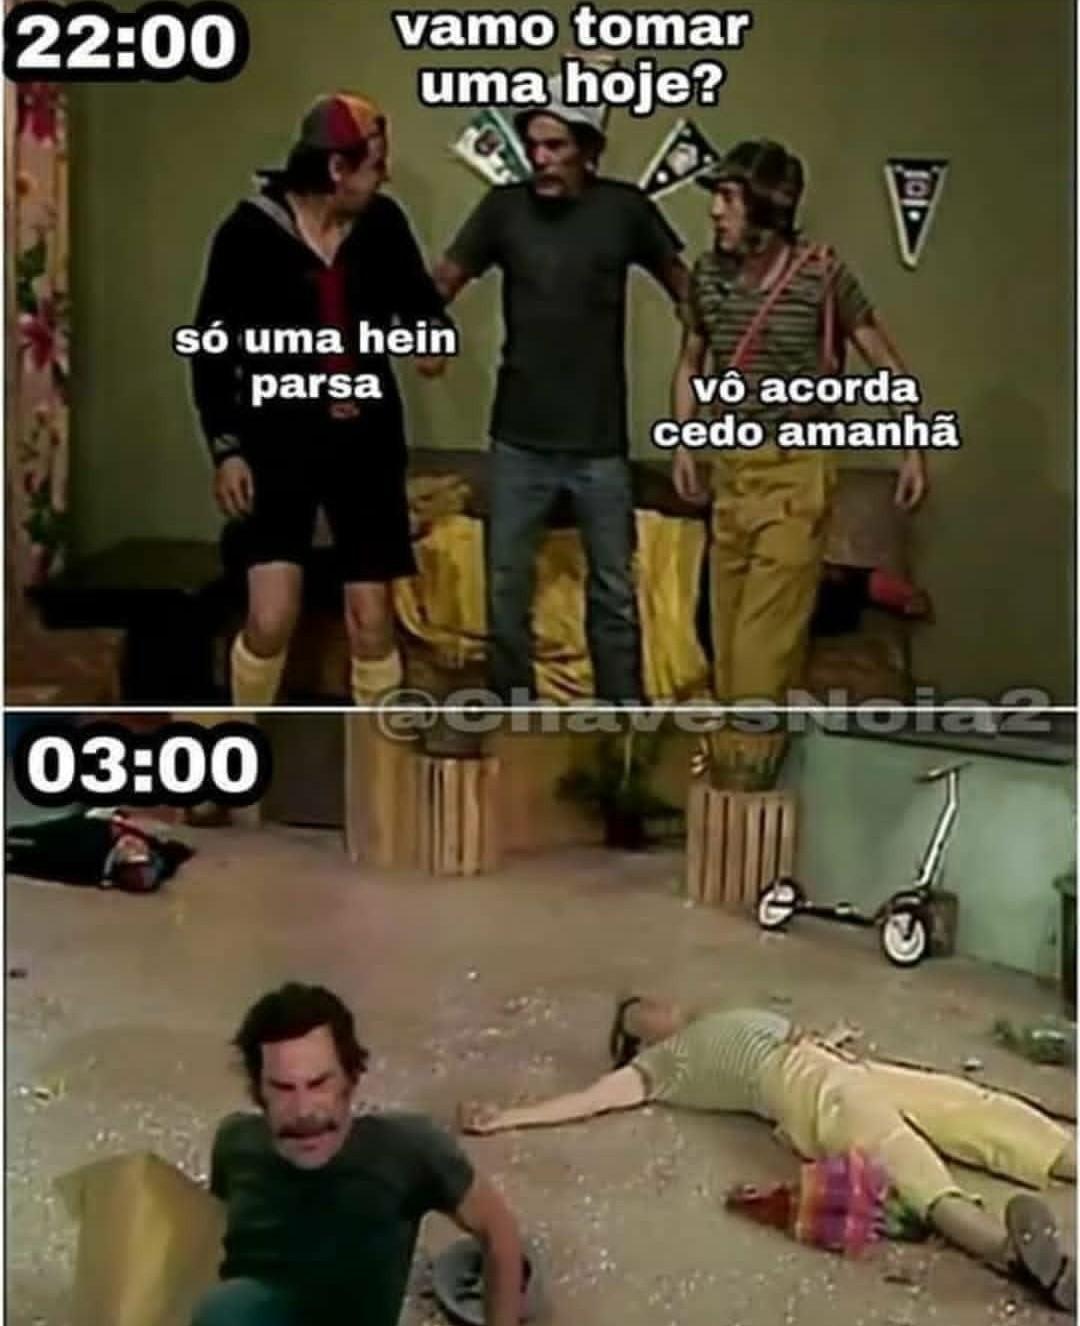 Turma chavosa - meme